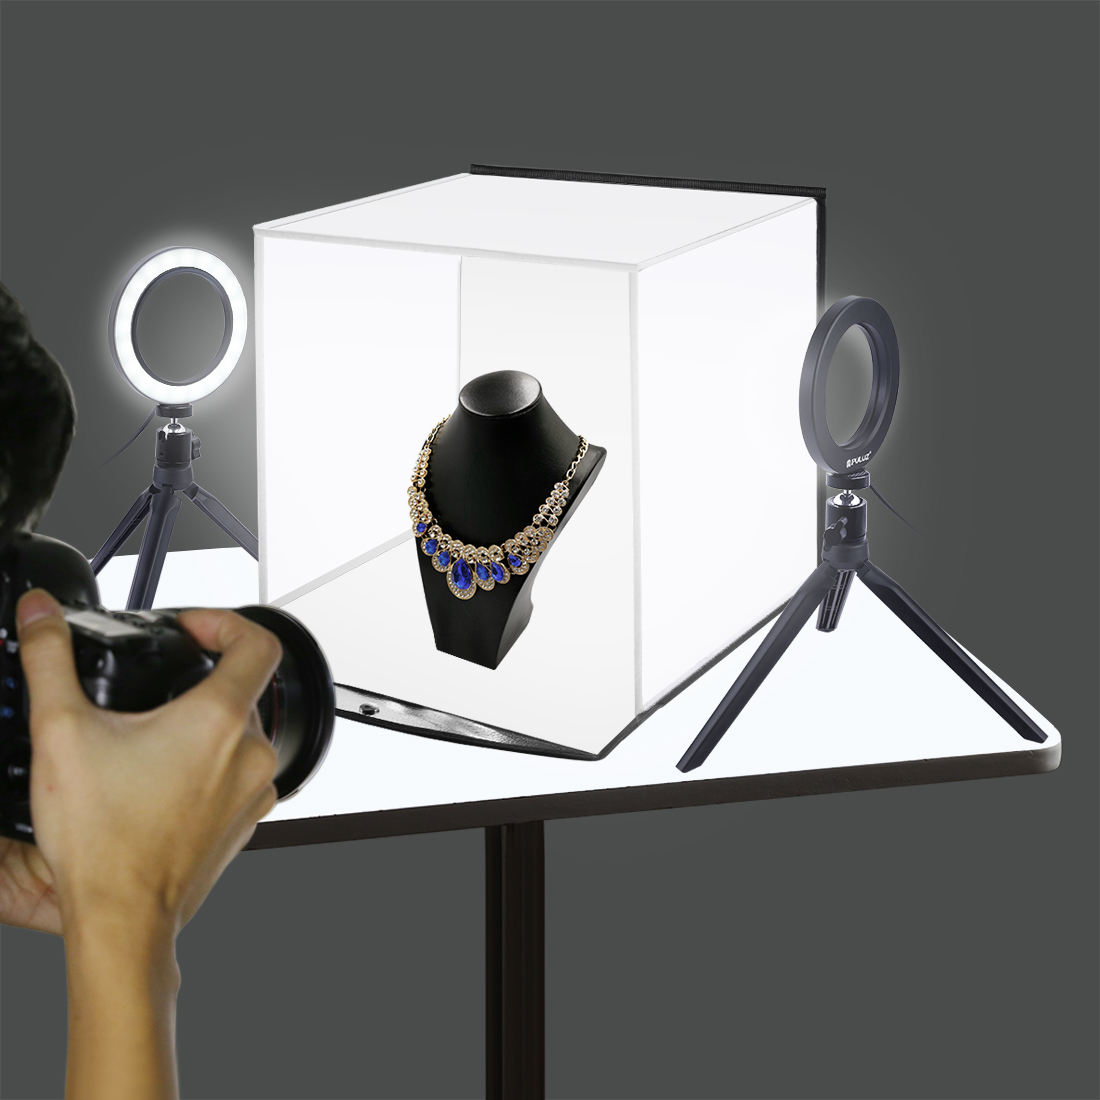 Plateau de Table Softbox anneau flash support de lumière 30cm godox Photo Studio lumière photographie neewer tente décors Kit